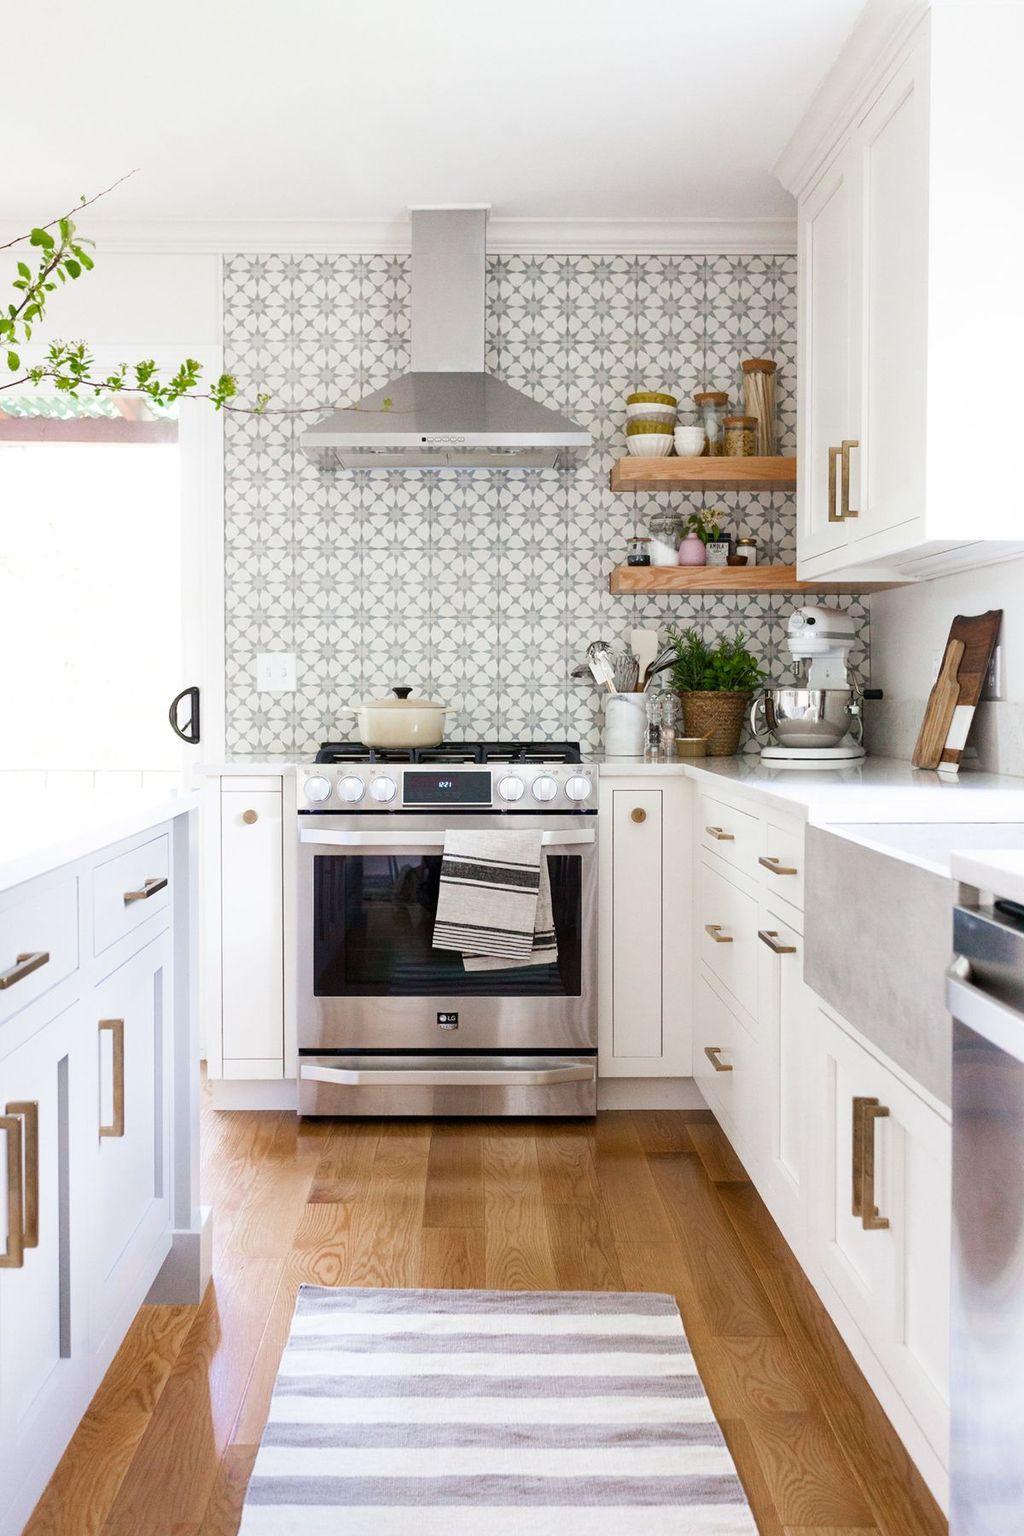 37 Amazing Modern Farmhouse Kitchen Design Ideas To Renew Your Home ...